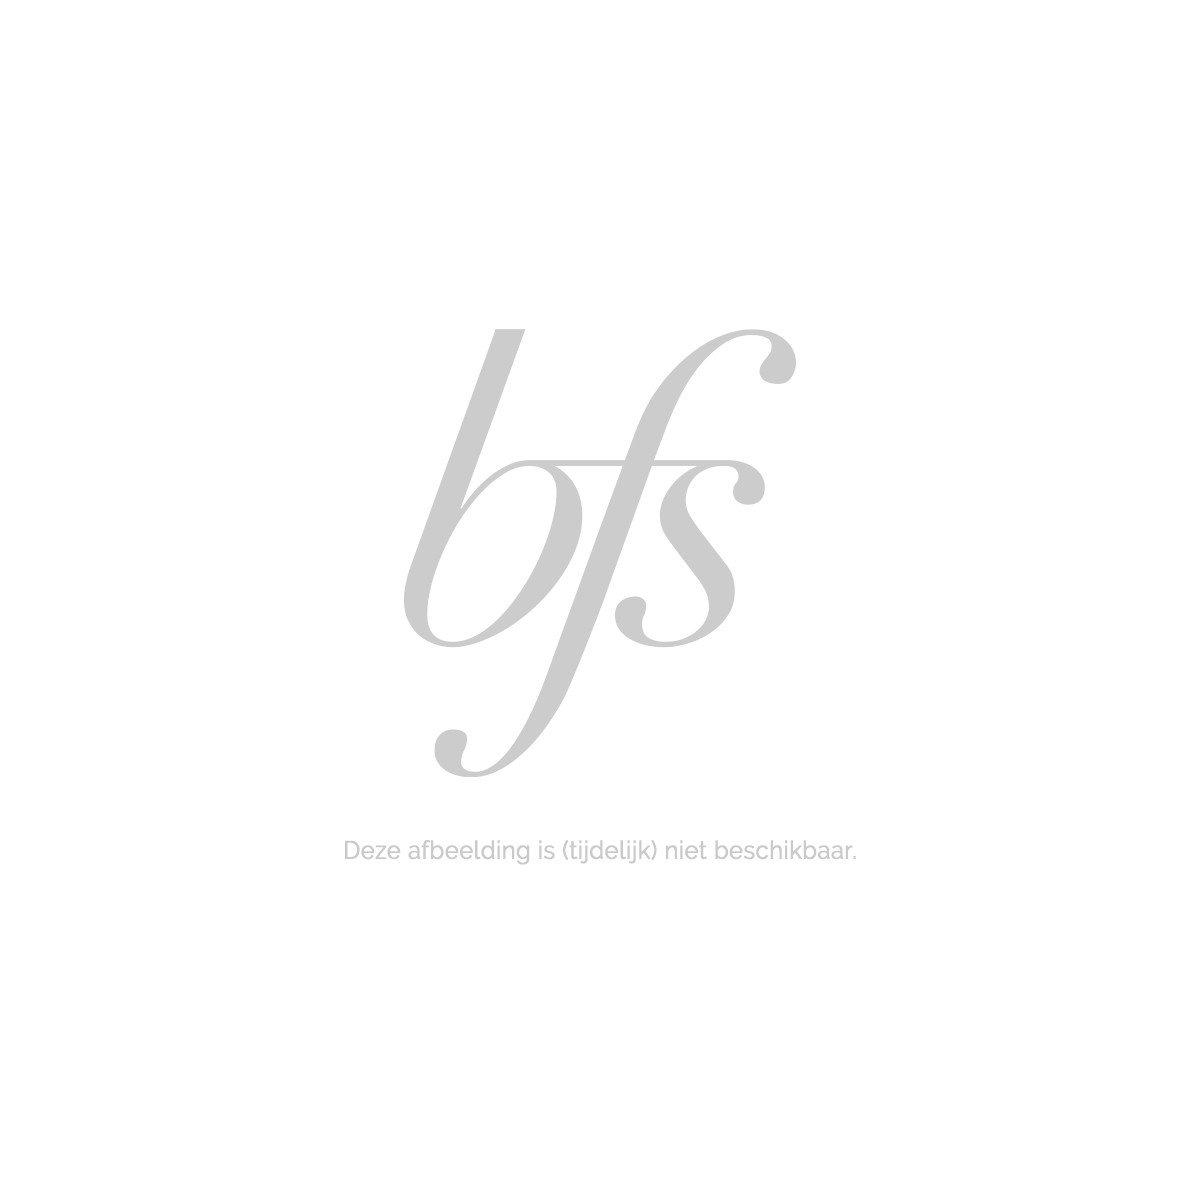 Gucci Guilty Platinum Pour Femme Eau de Toilette 75 ml